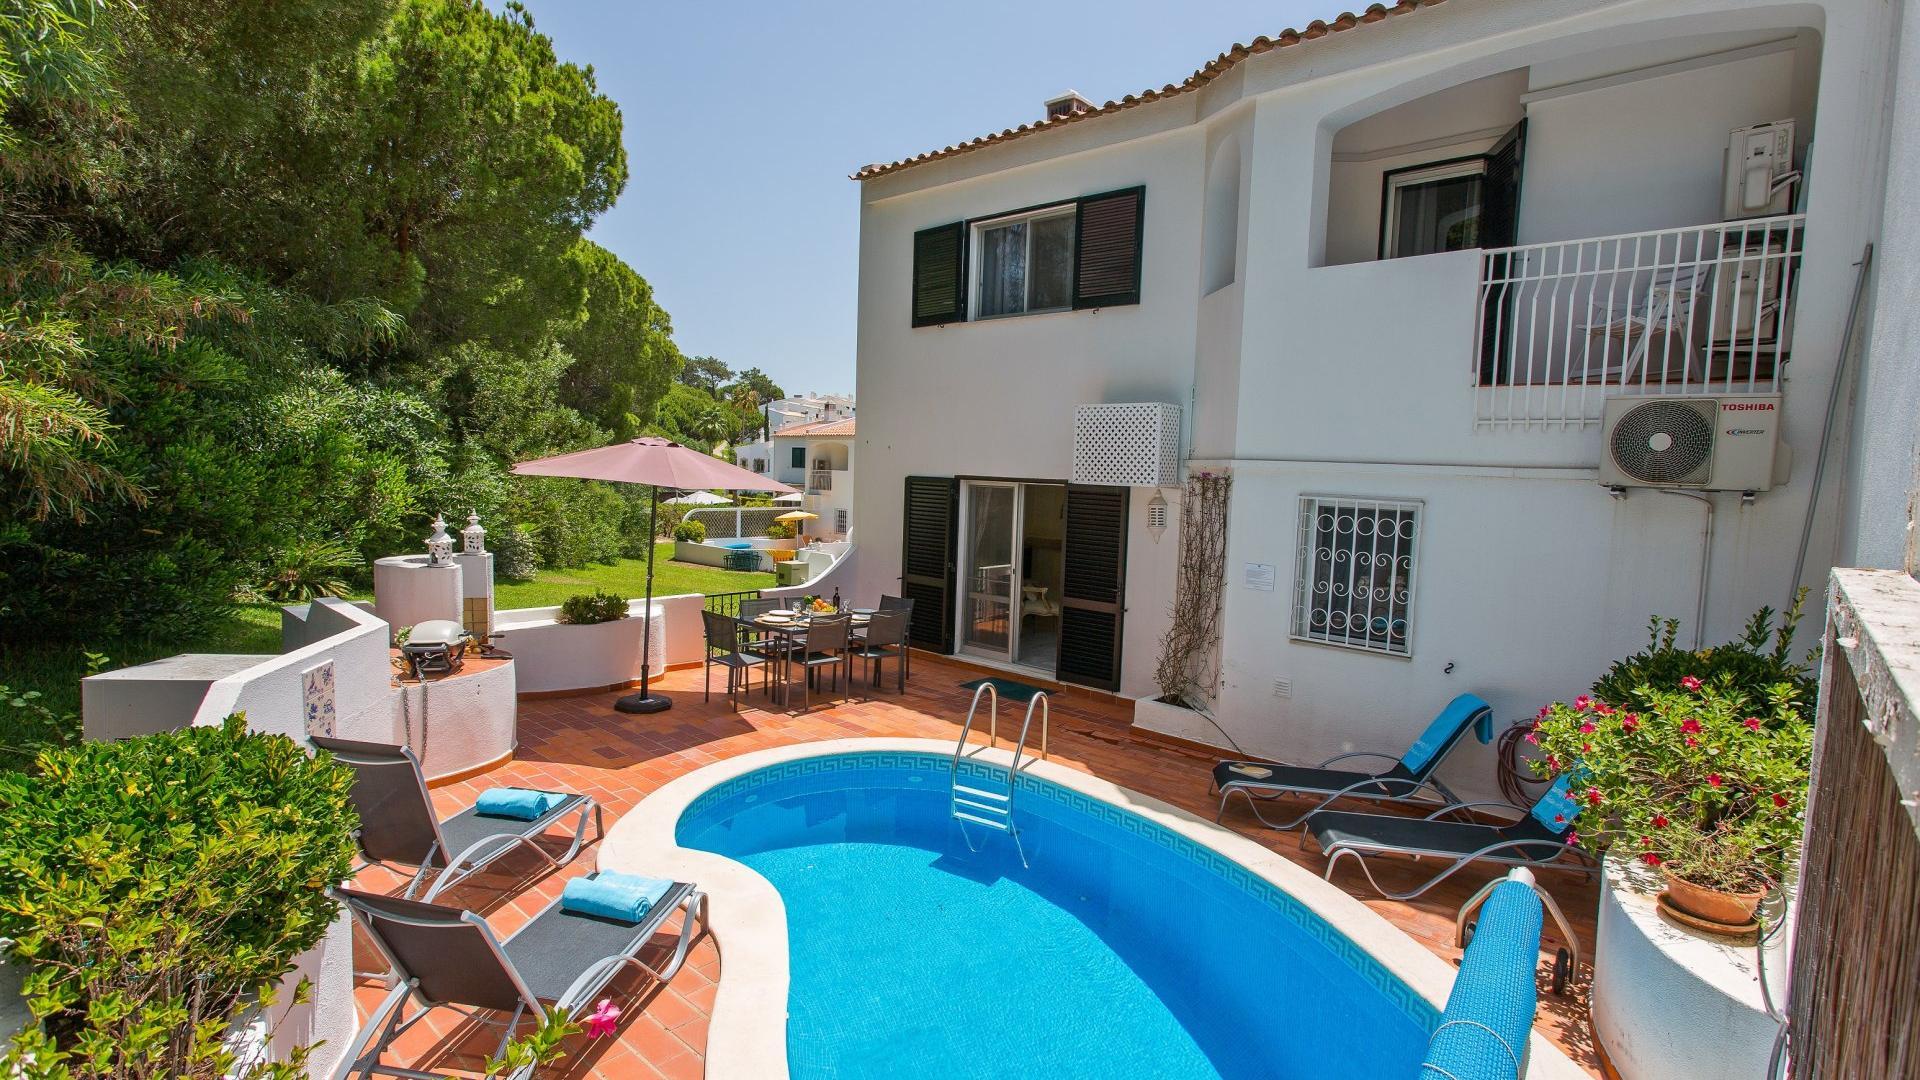 Casa Breeze - Vale do Lobo, Algarve - pool4.jpg